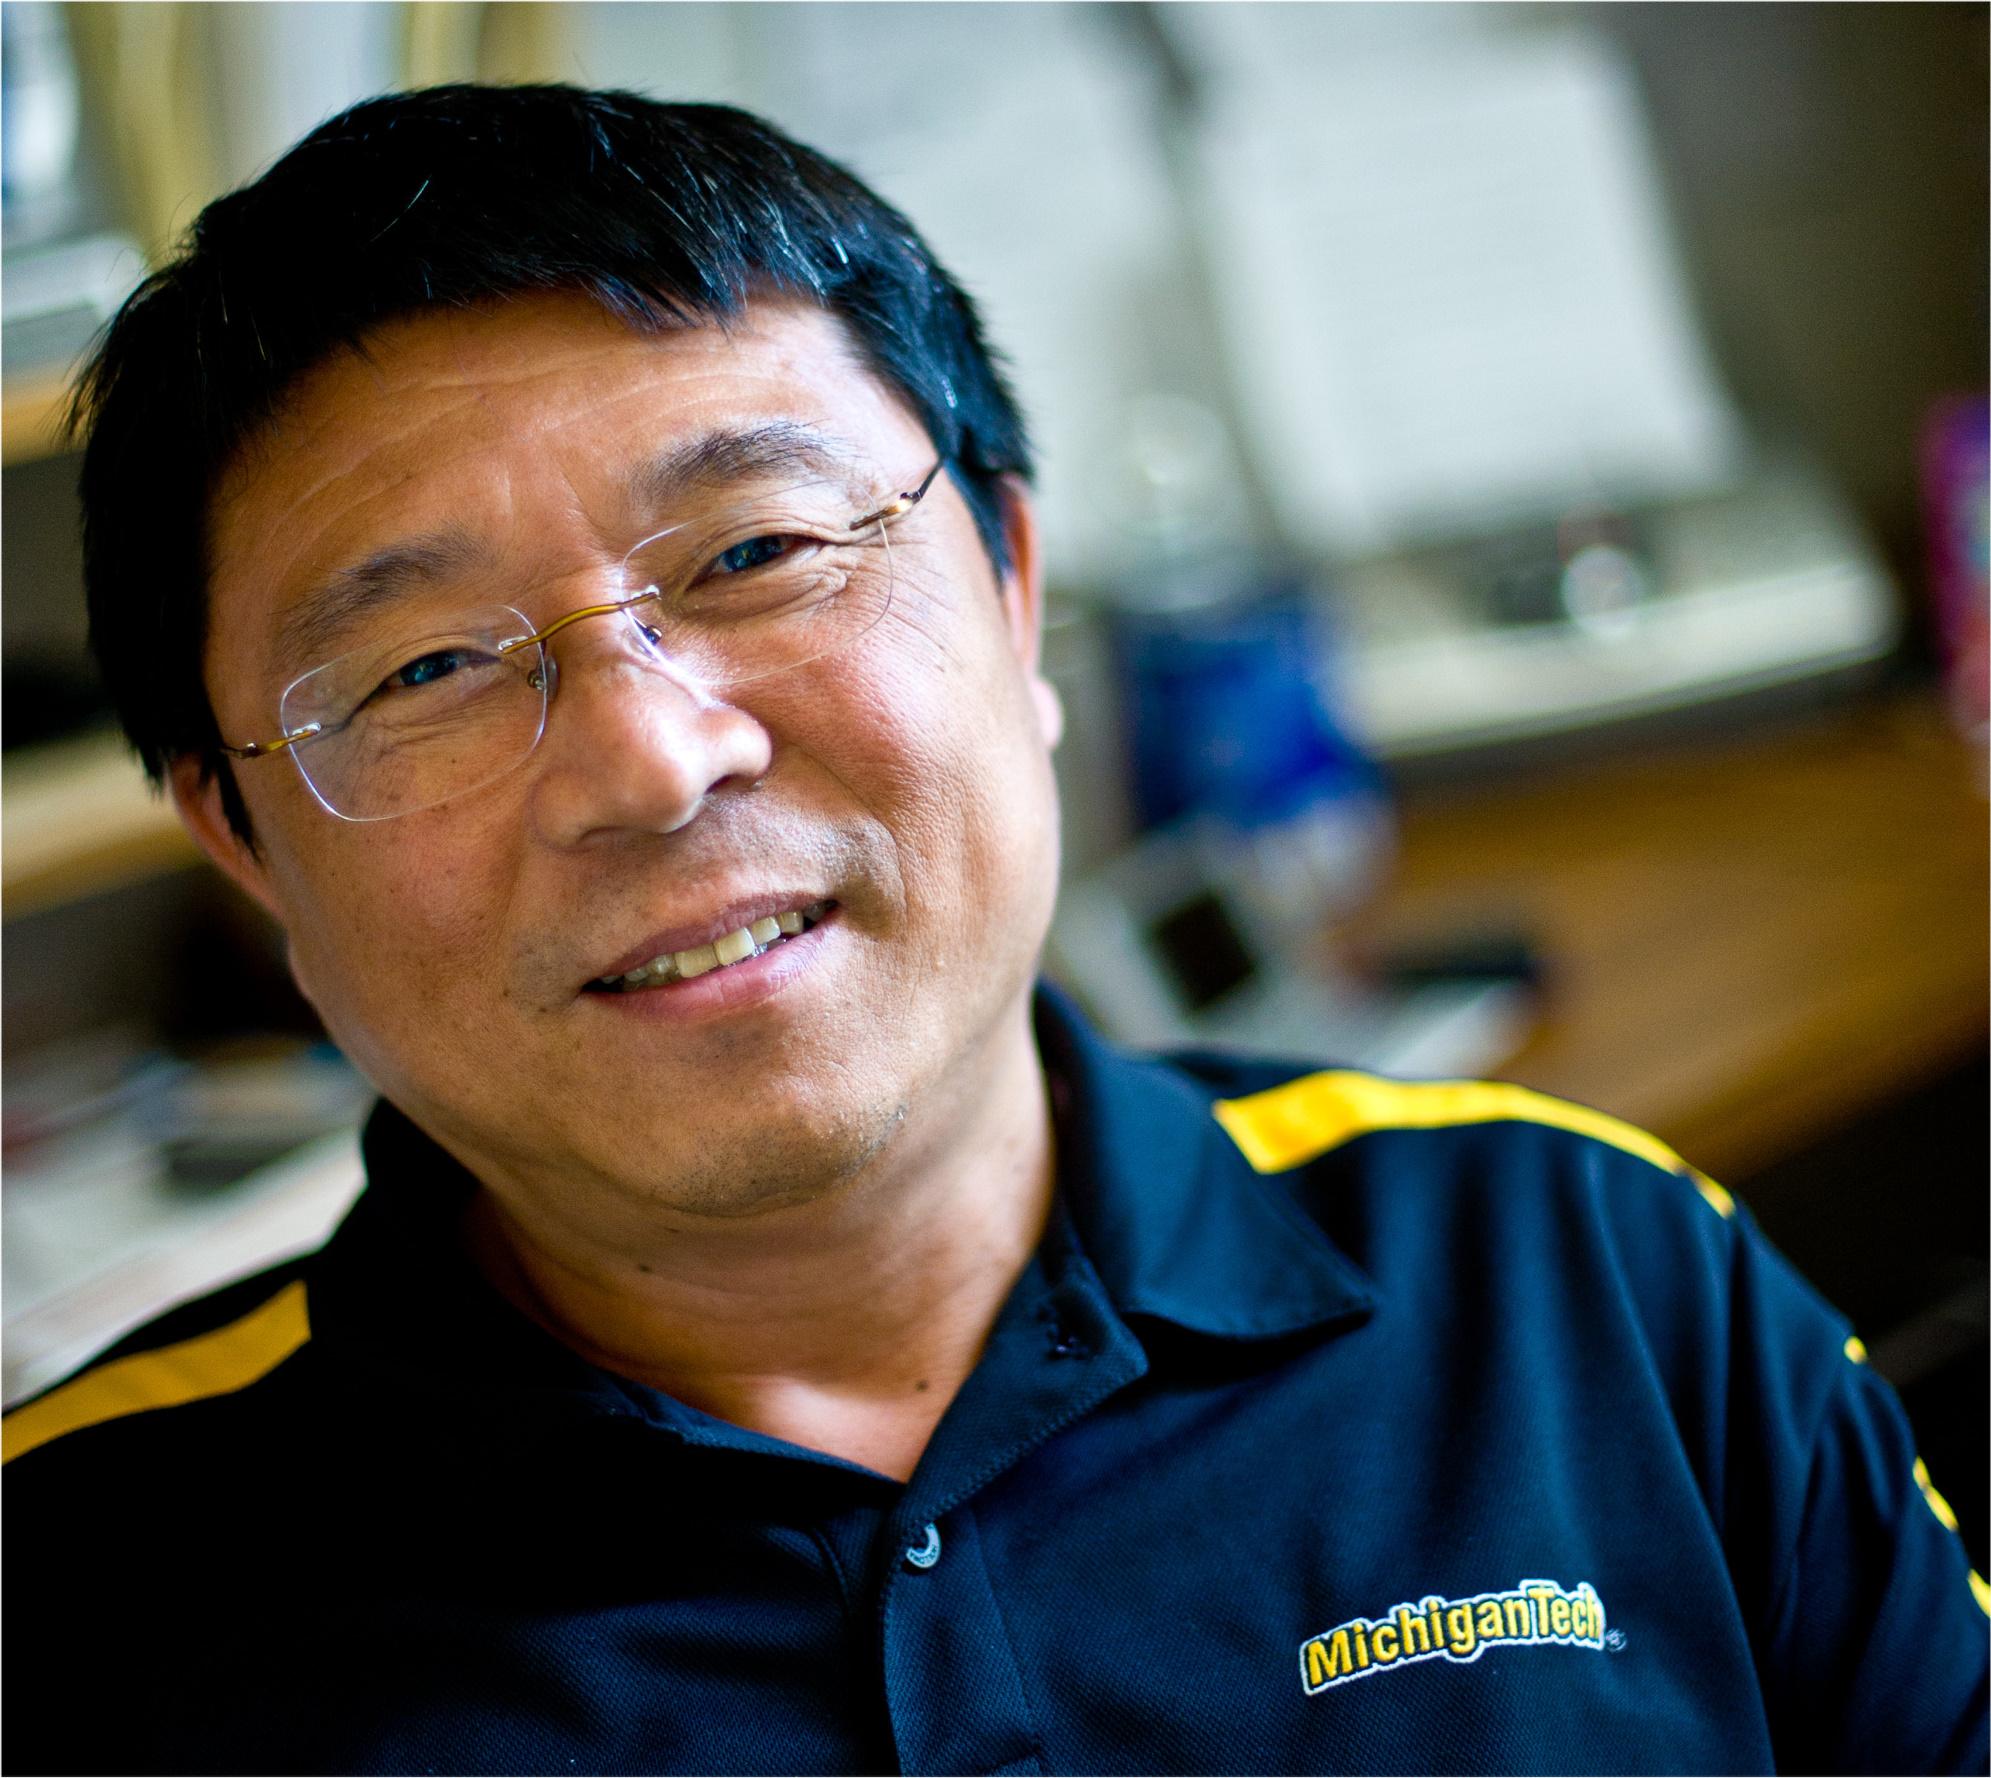 機械系楊松林校友獲選為「美國機械工程師協會」會士